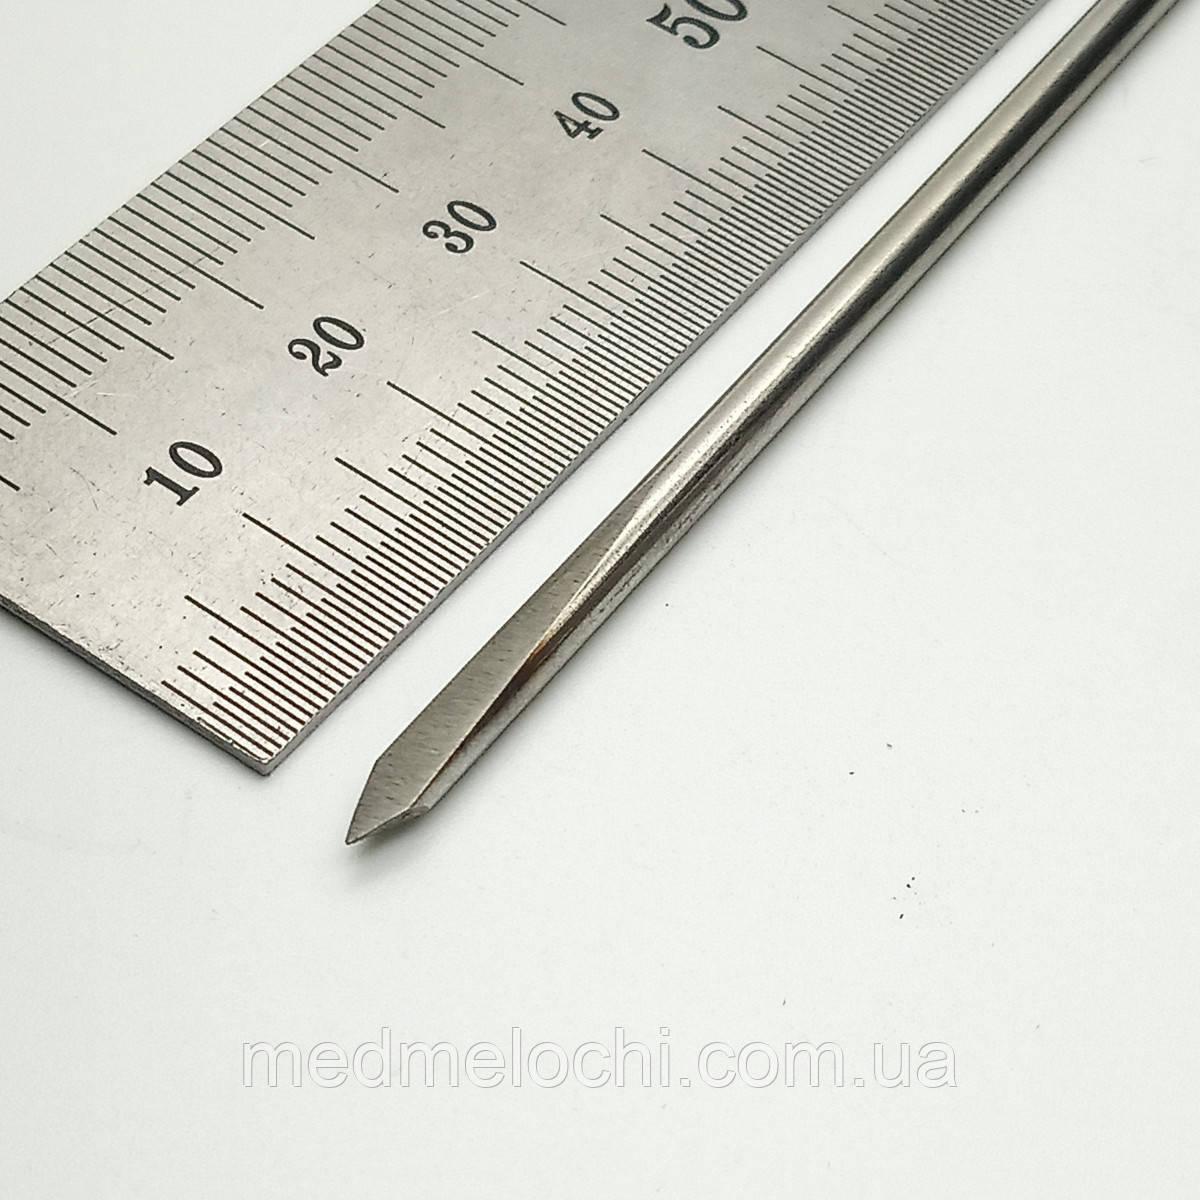 Шпиця 3.0 мм L=300мм (перо)